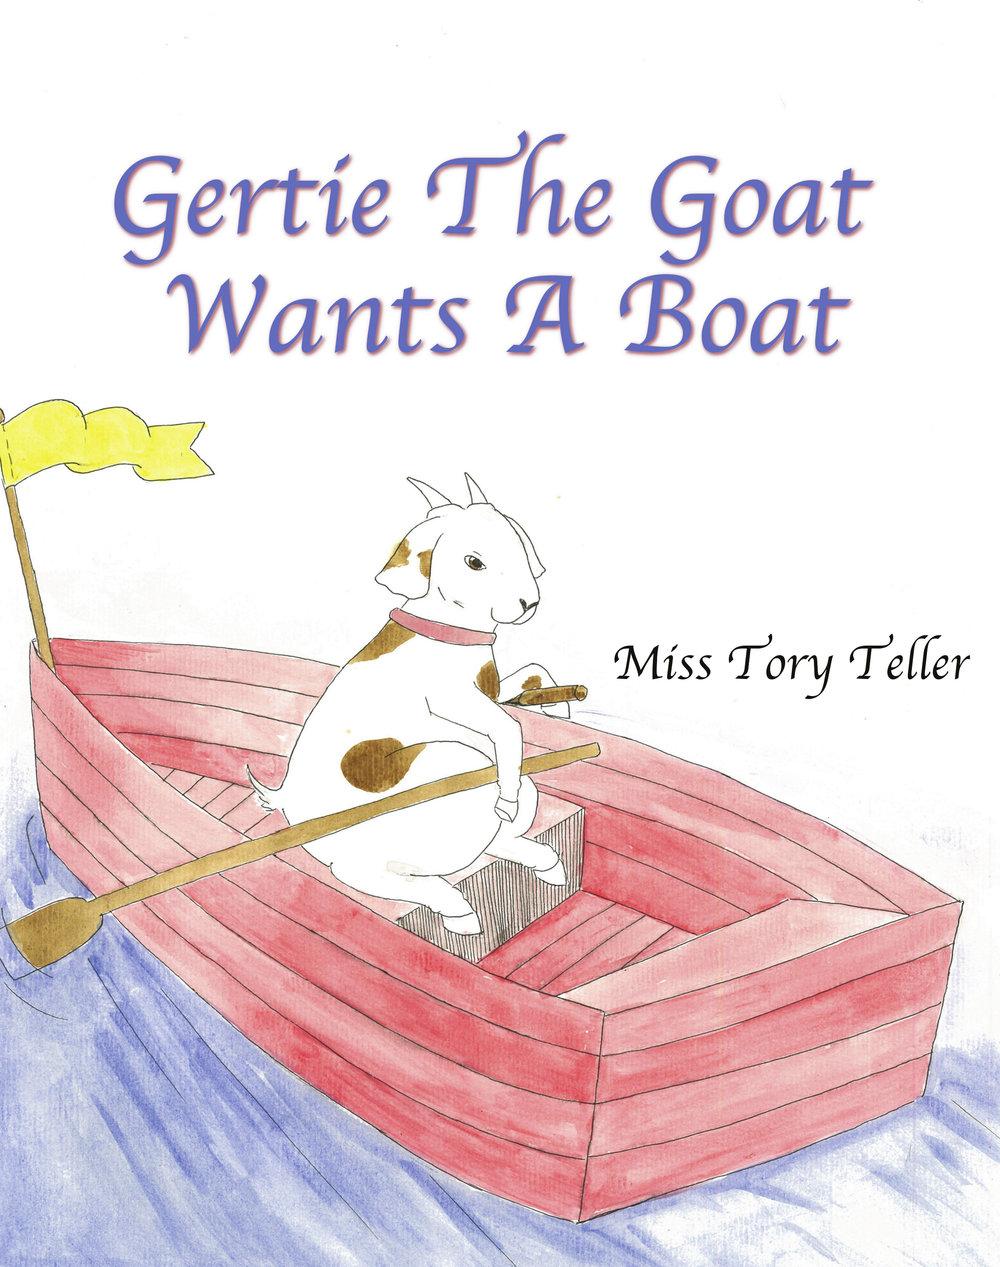 Gertie_ebook_cover.jpg